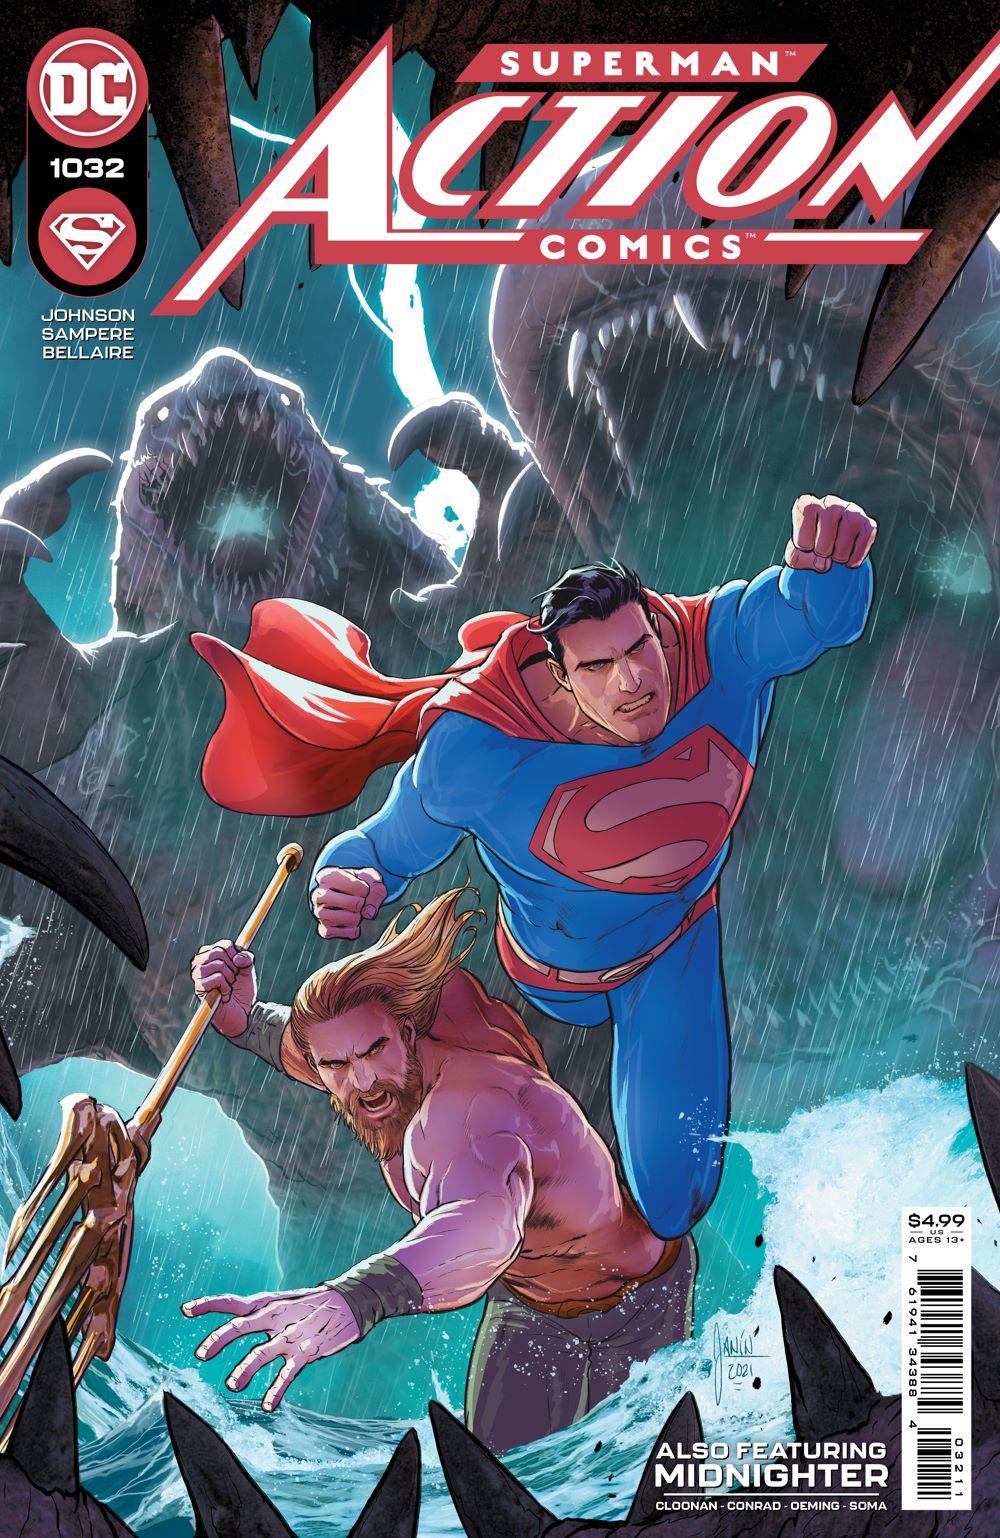 ACTIONCOMICS_Cv1032 DC Comics June 2021 Solicitations